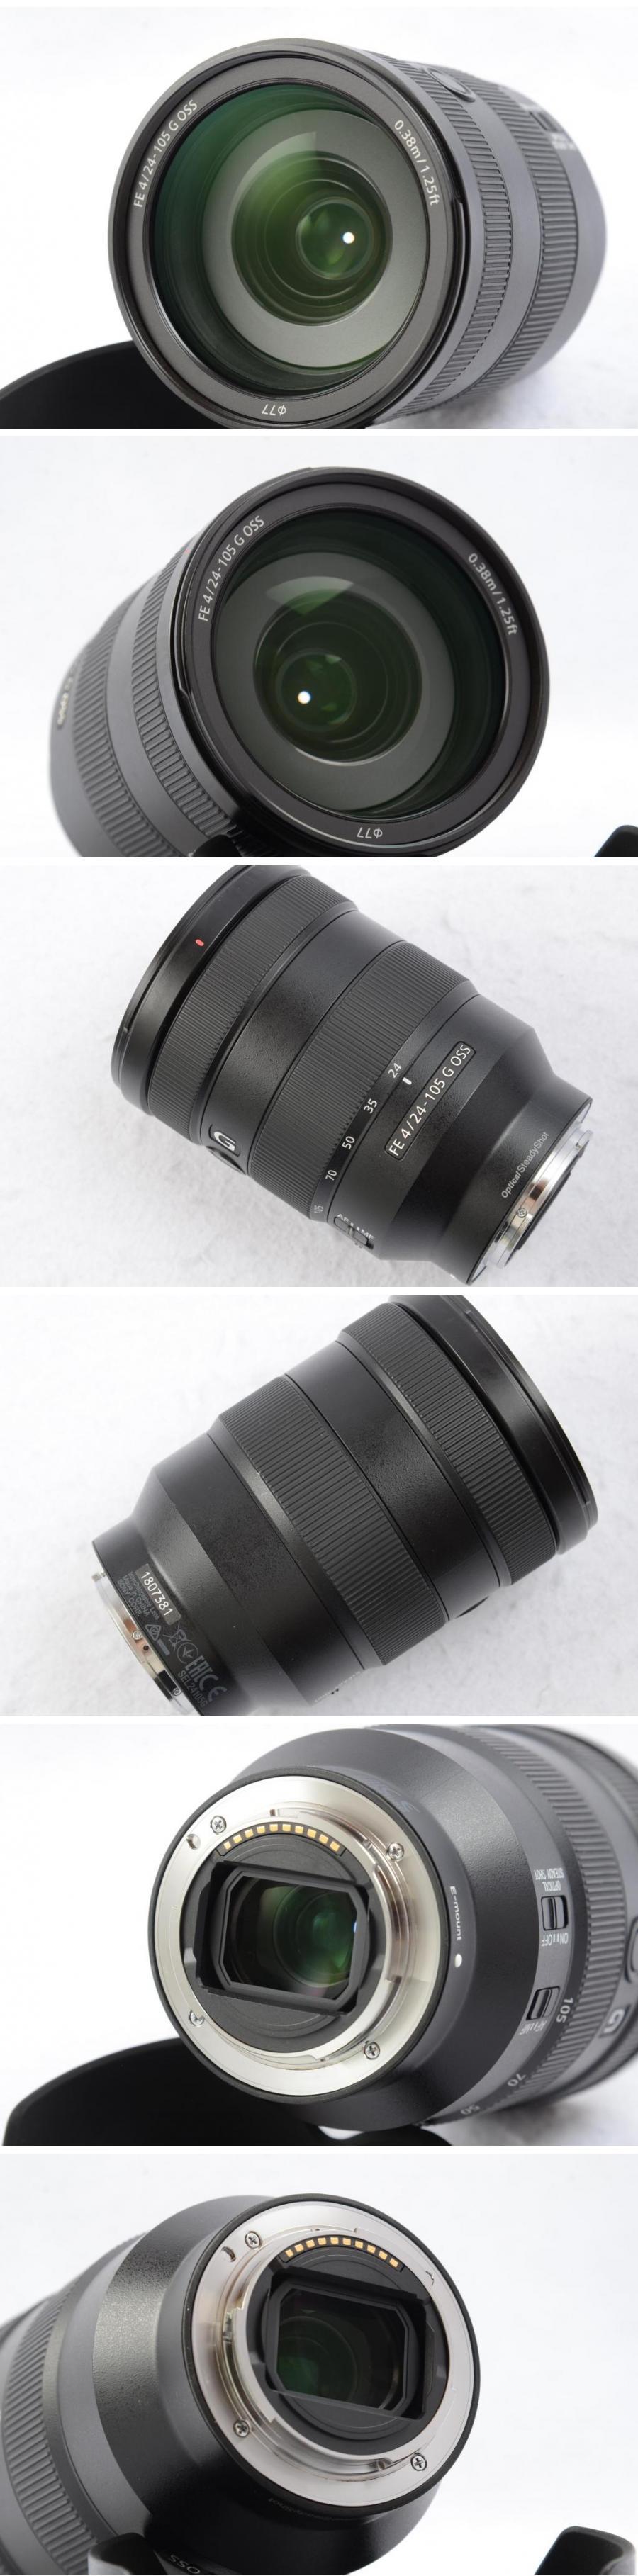 sony 24-105mm #12-24